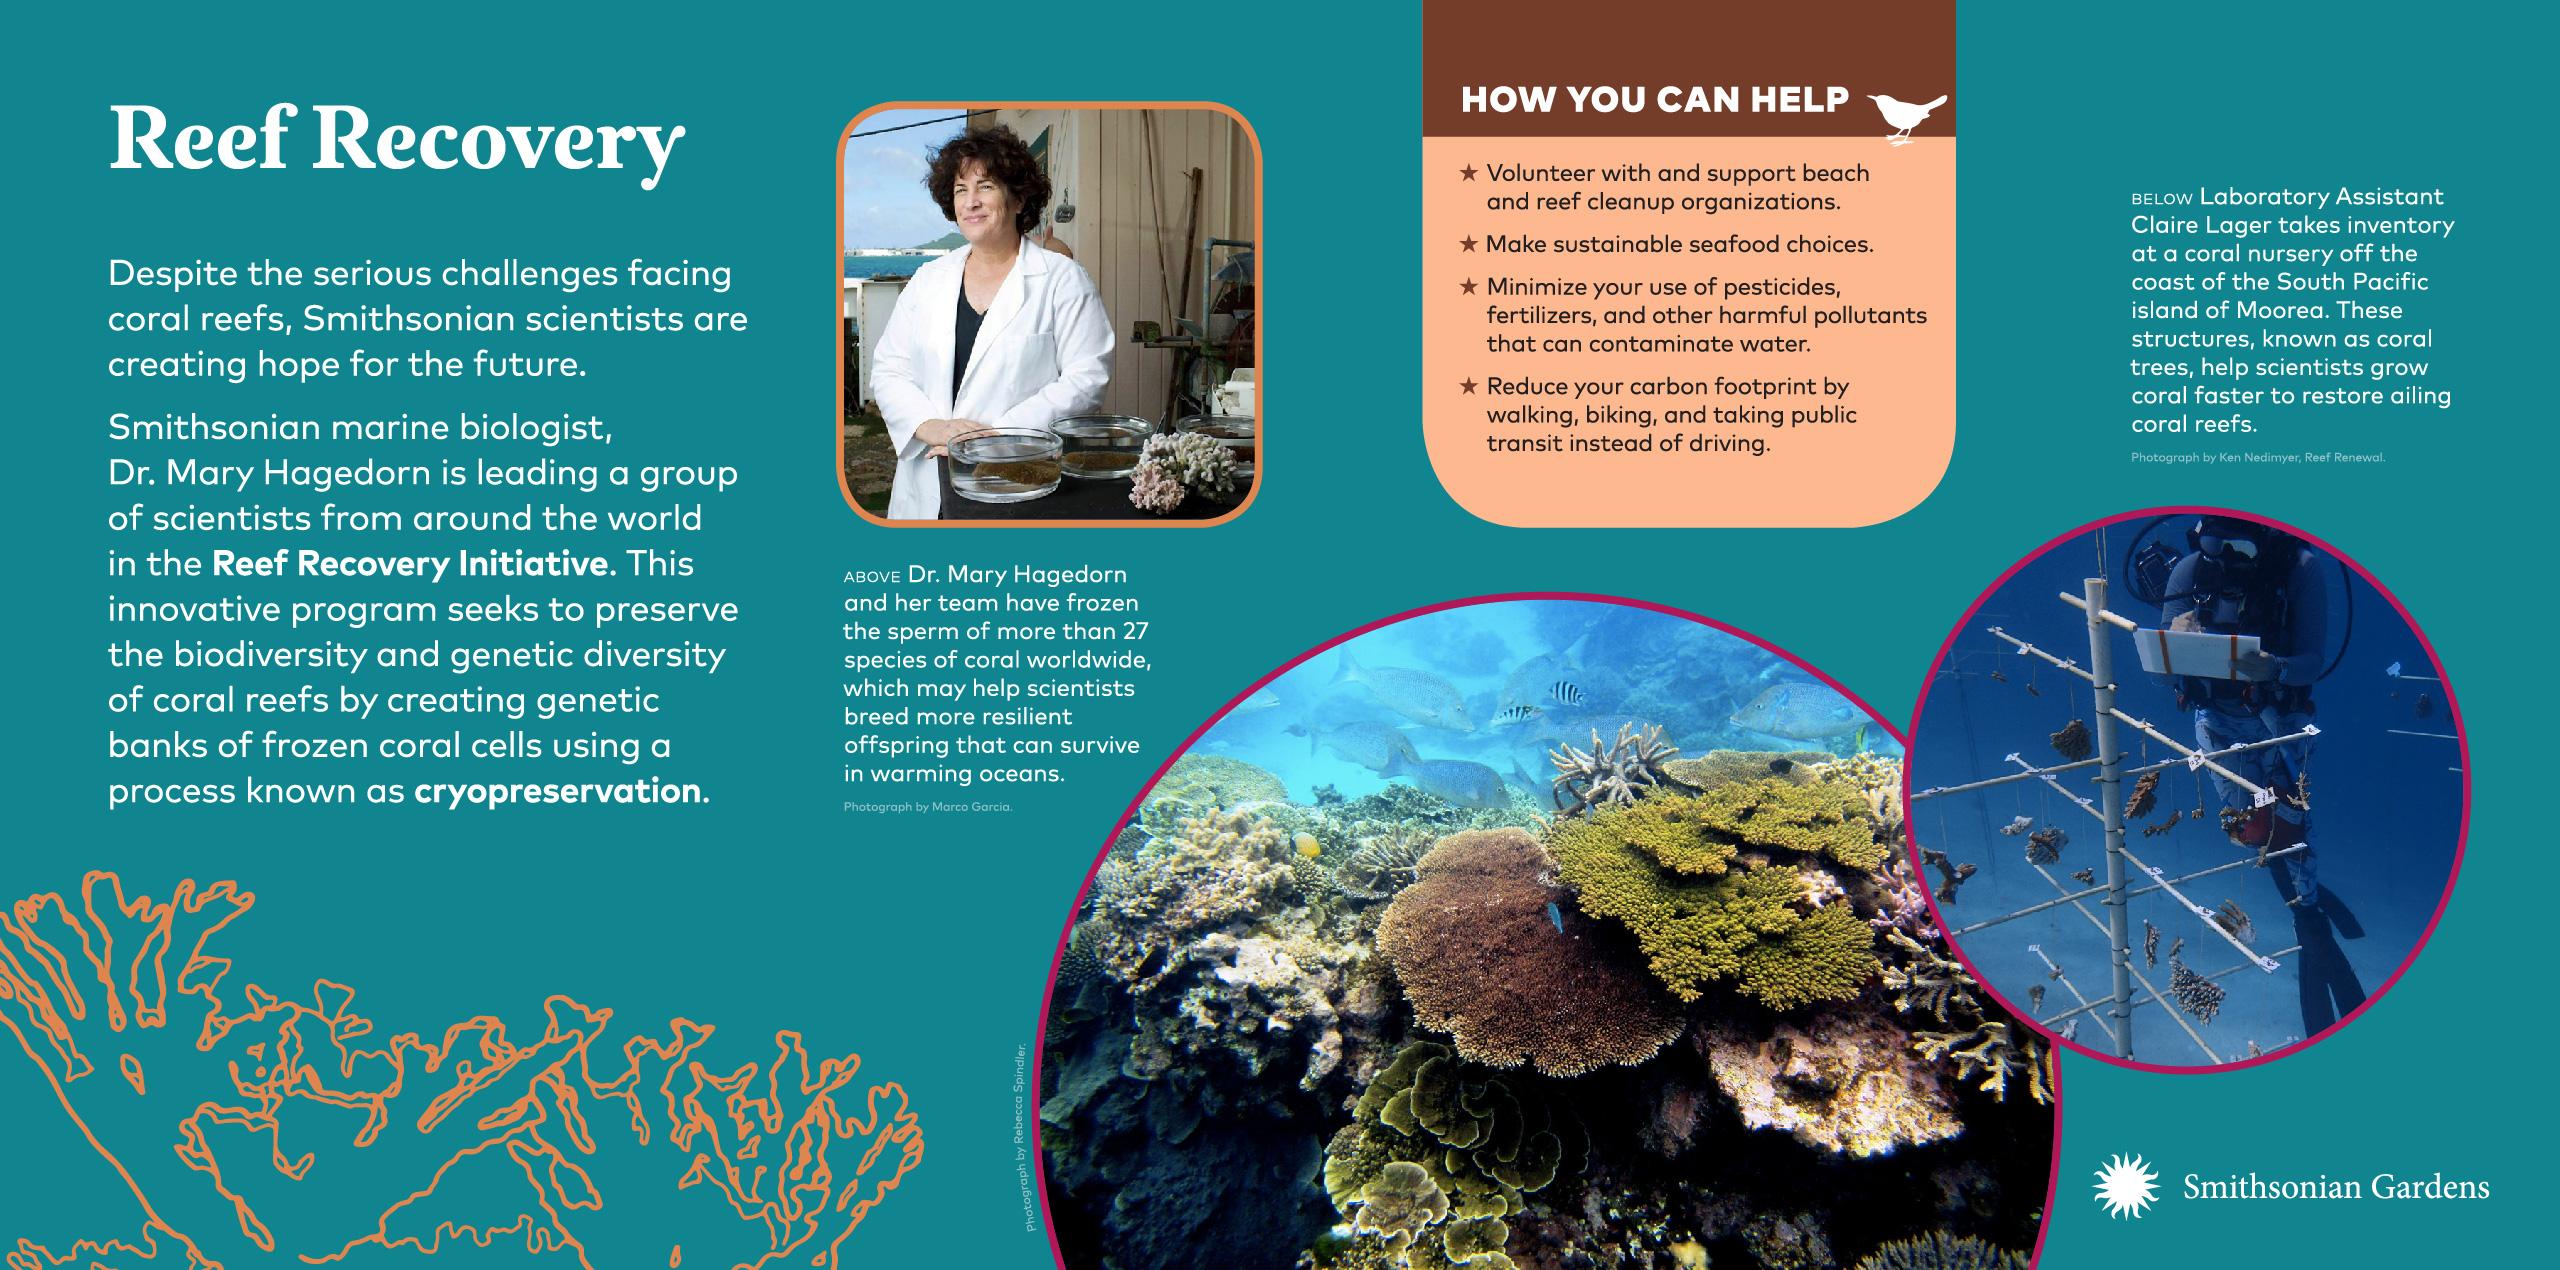 Reef Recovery exhibit panel